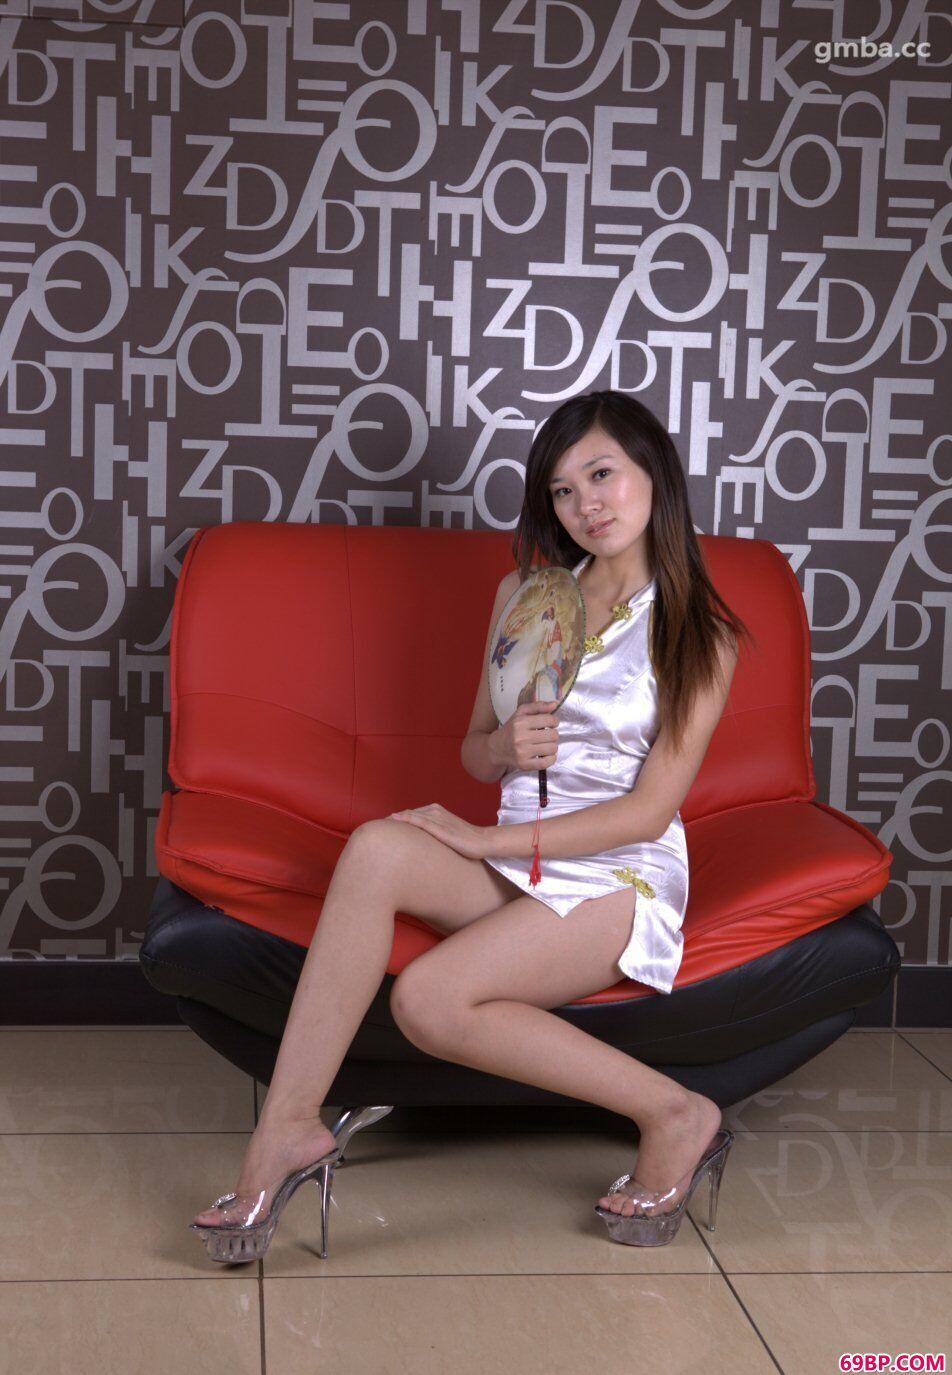 唐朝旗袍妹子模特烨雪无圣光约拍人体图片